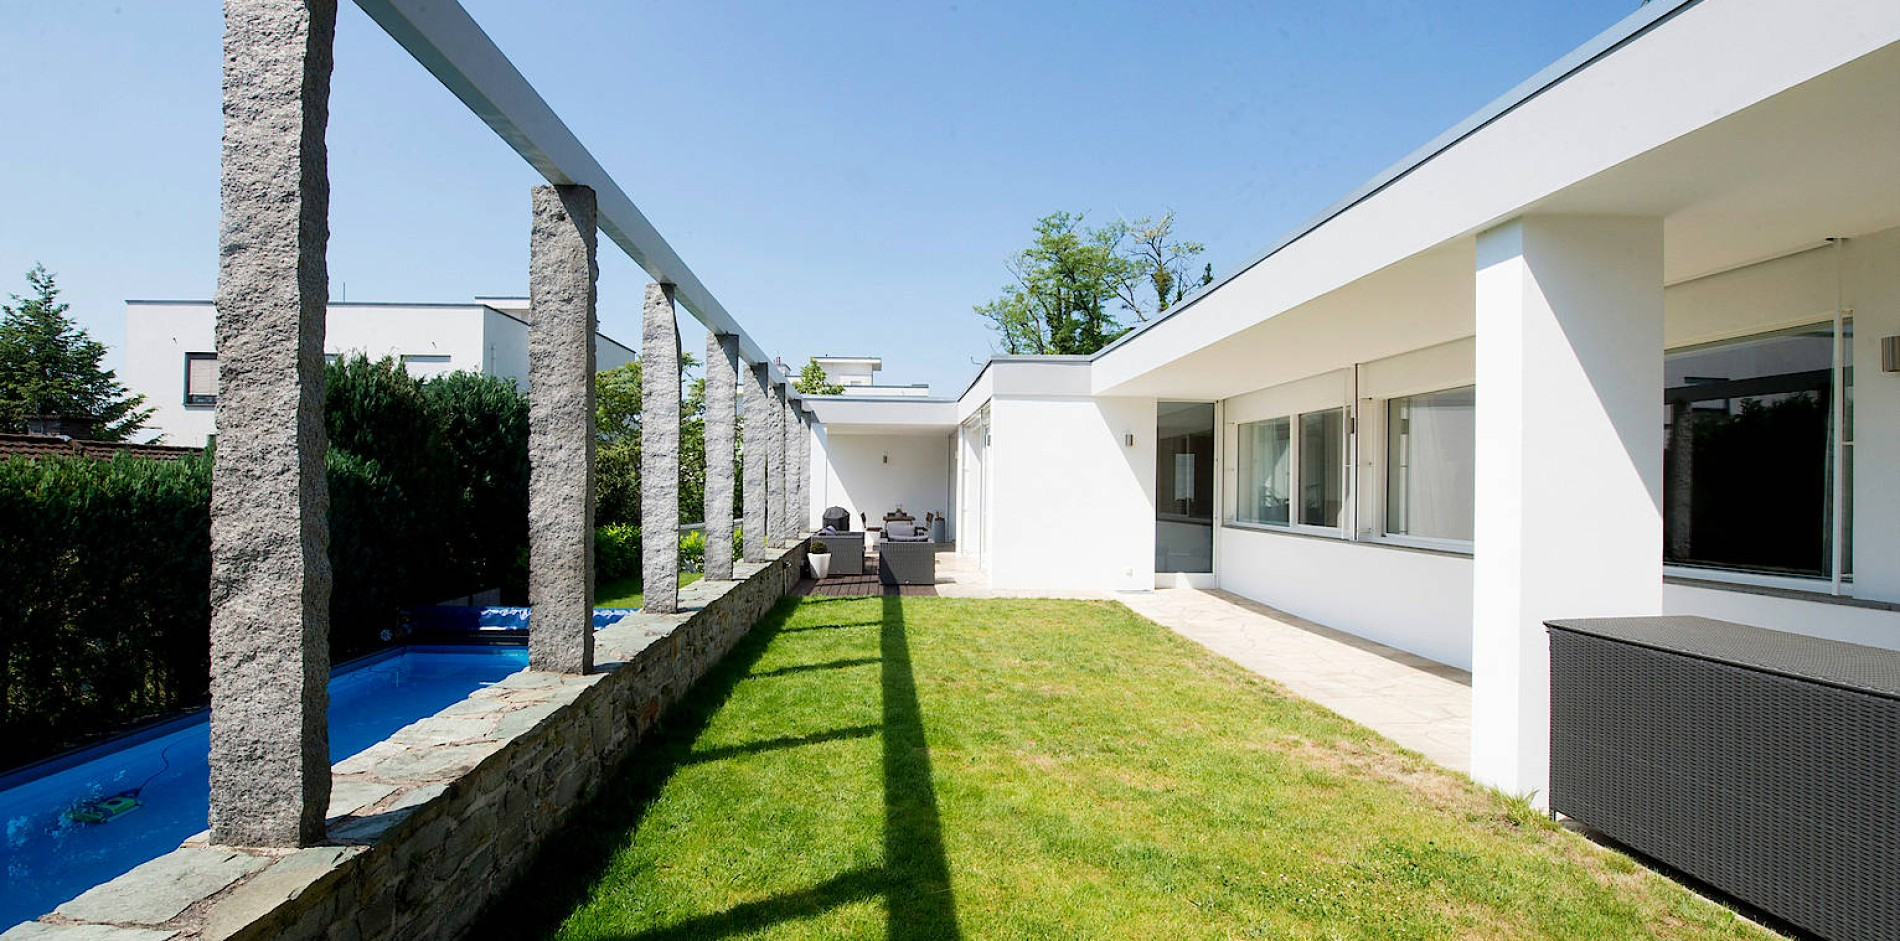 Fenster Kaufen Bauhaus Good Wer So Etwas Nicht Mag Muss